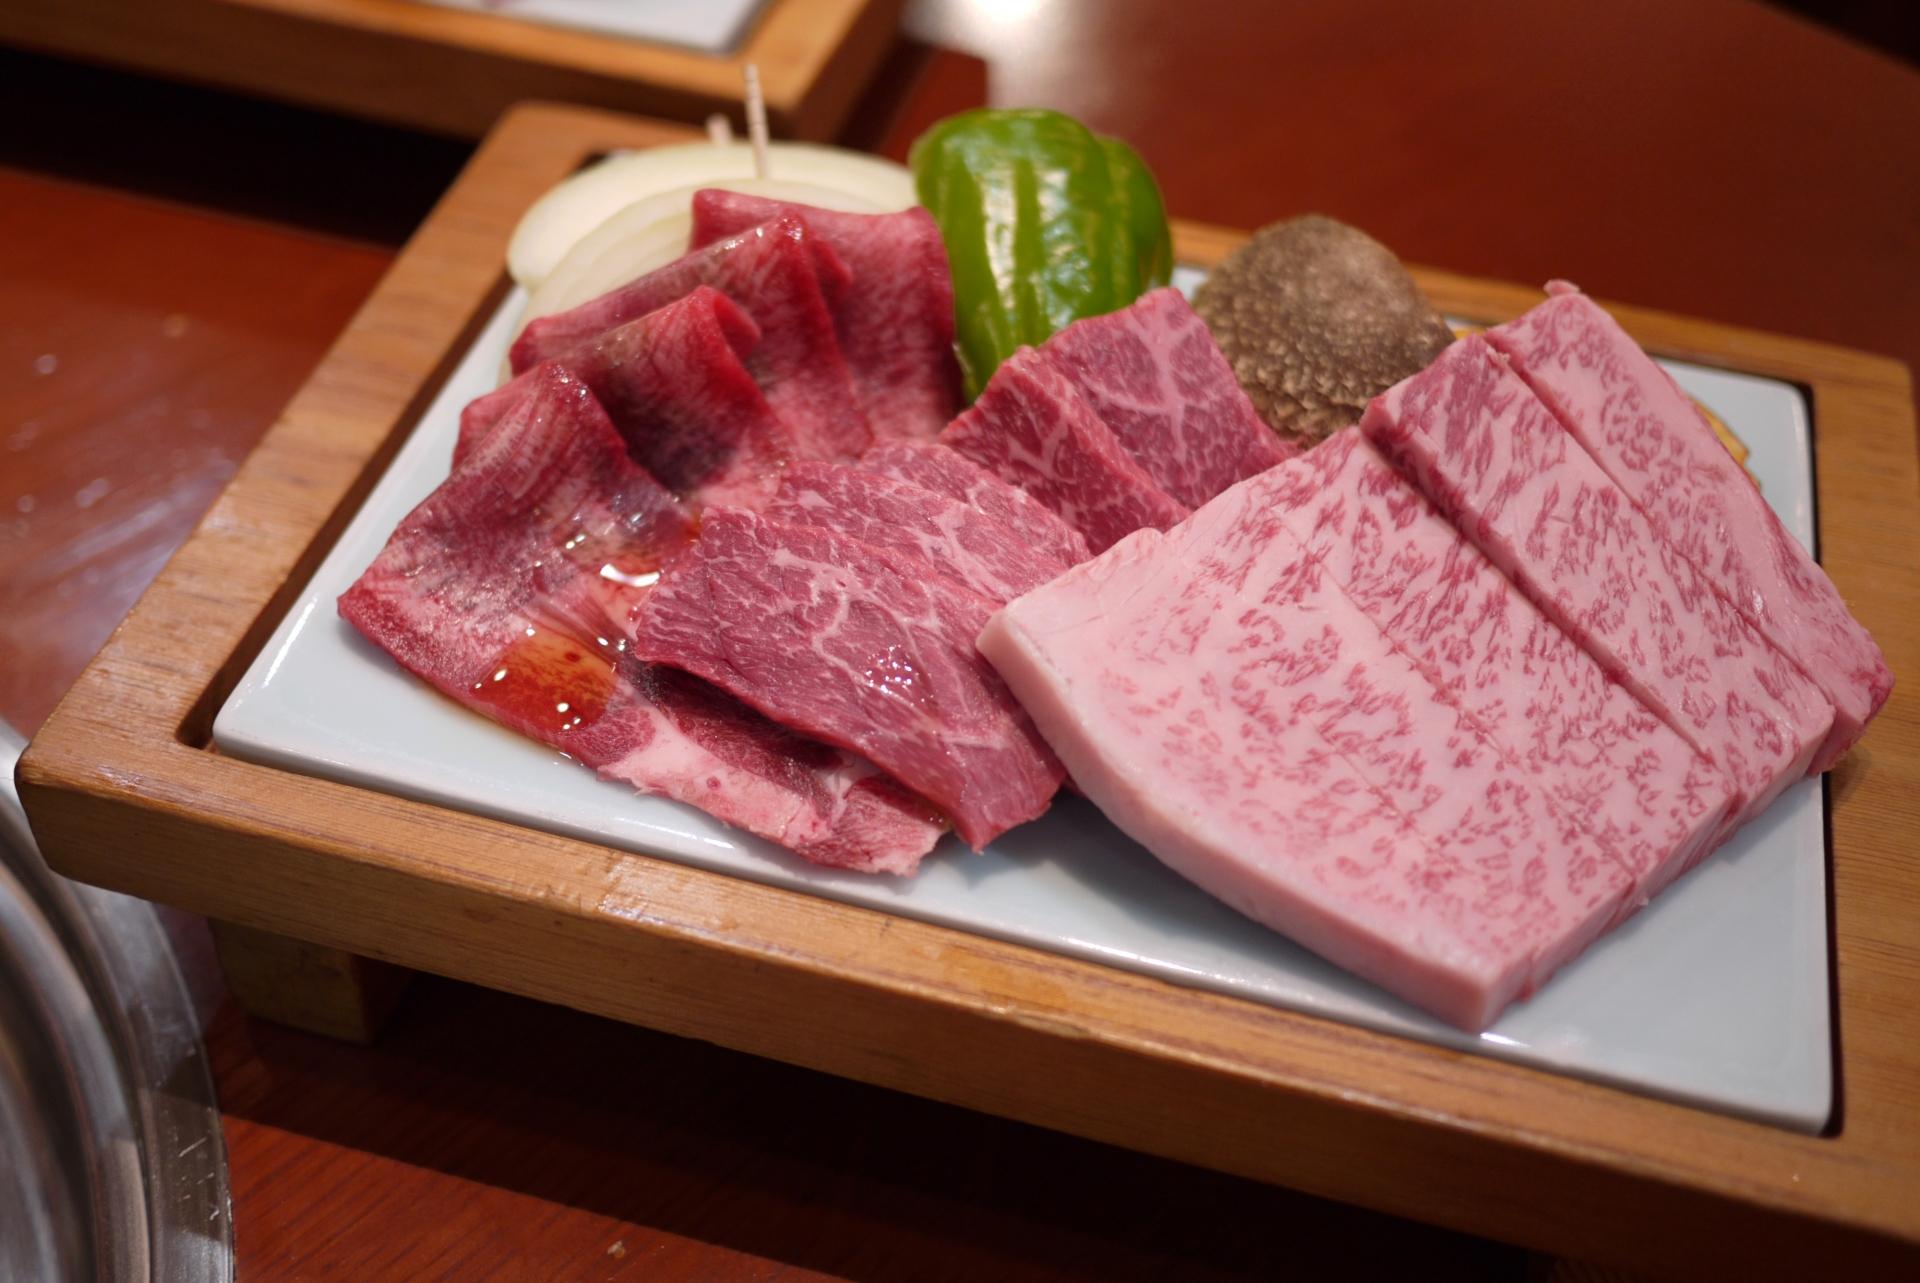 【ふるさと納税】岐阜県の『飛騨牛』ローストビーフで乾杯!